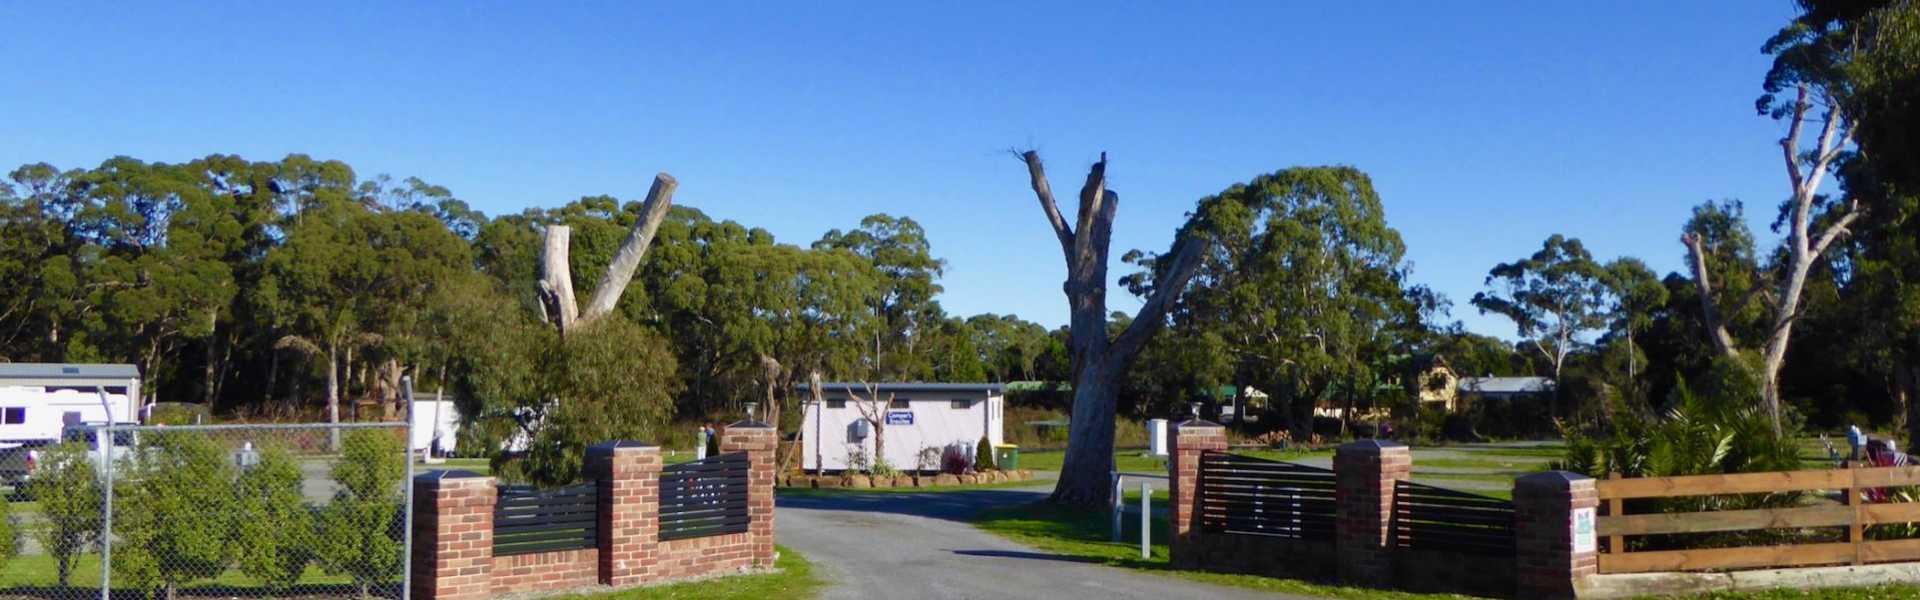 Kui Parks, Smithton, River Breeze Caravan & Cabin Park, Entrance